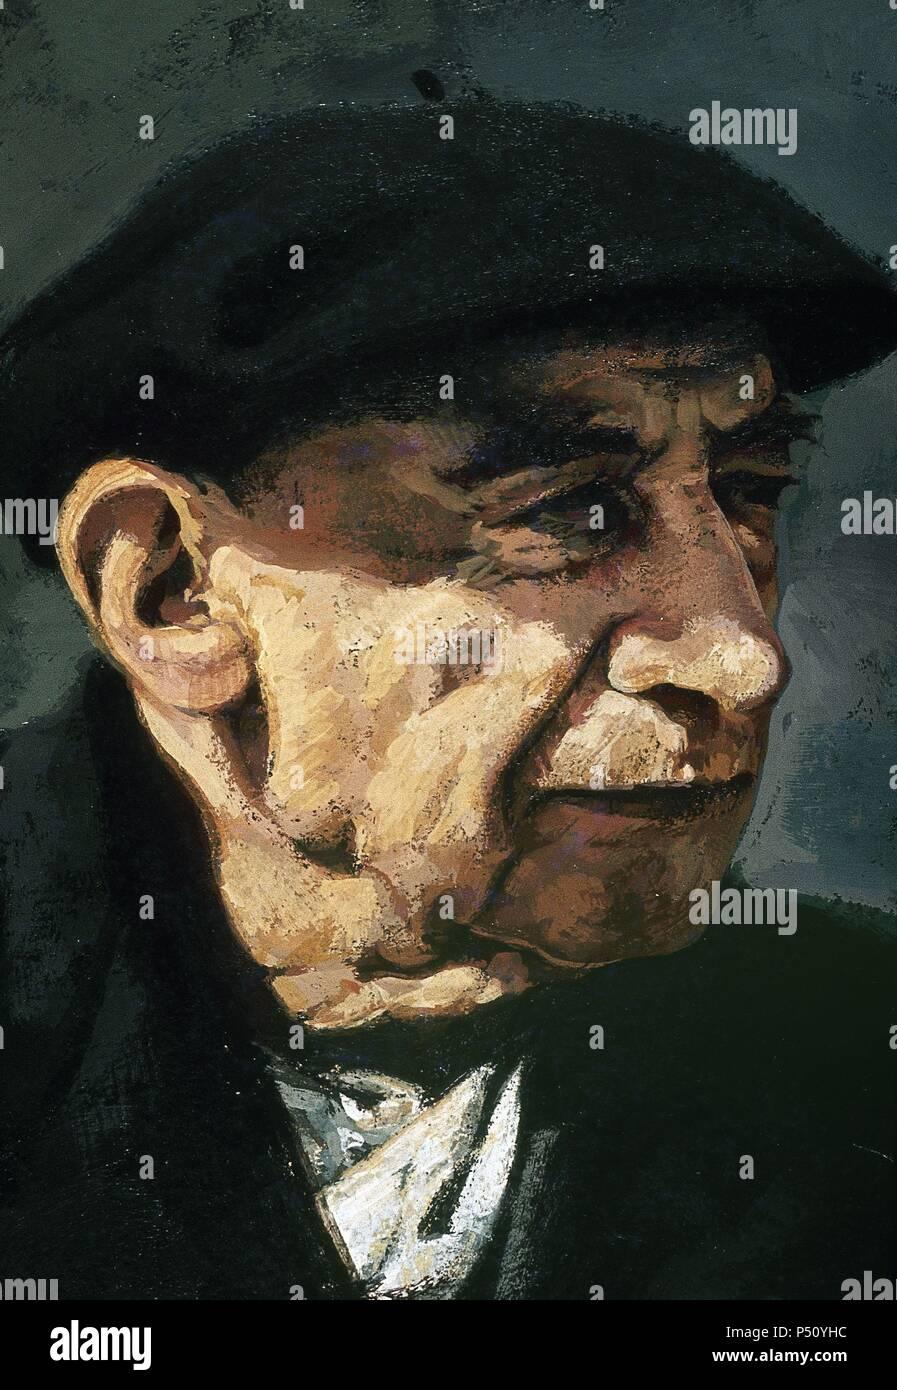 Henri Breuil (1877-1961), souvent désigné comme l'abbé Breuil. Prêtre catholique français, archéologue, anthropologue, ethnologue et géologue. Portrait. Banque D'Images